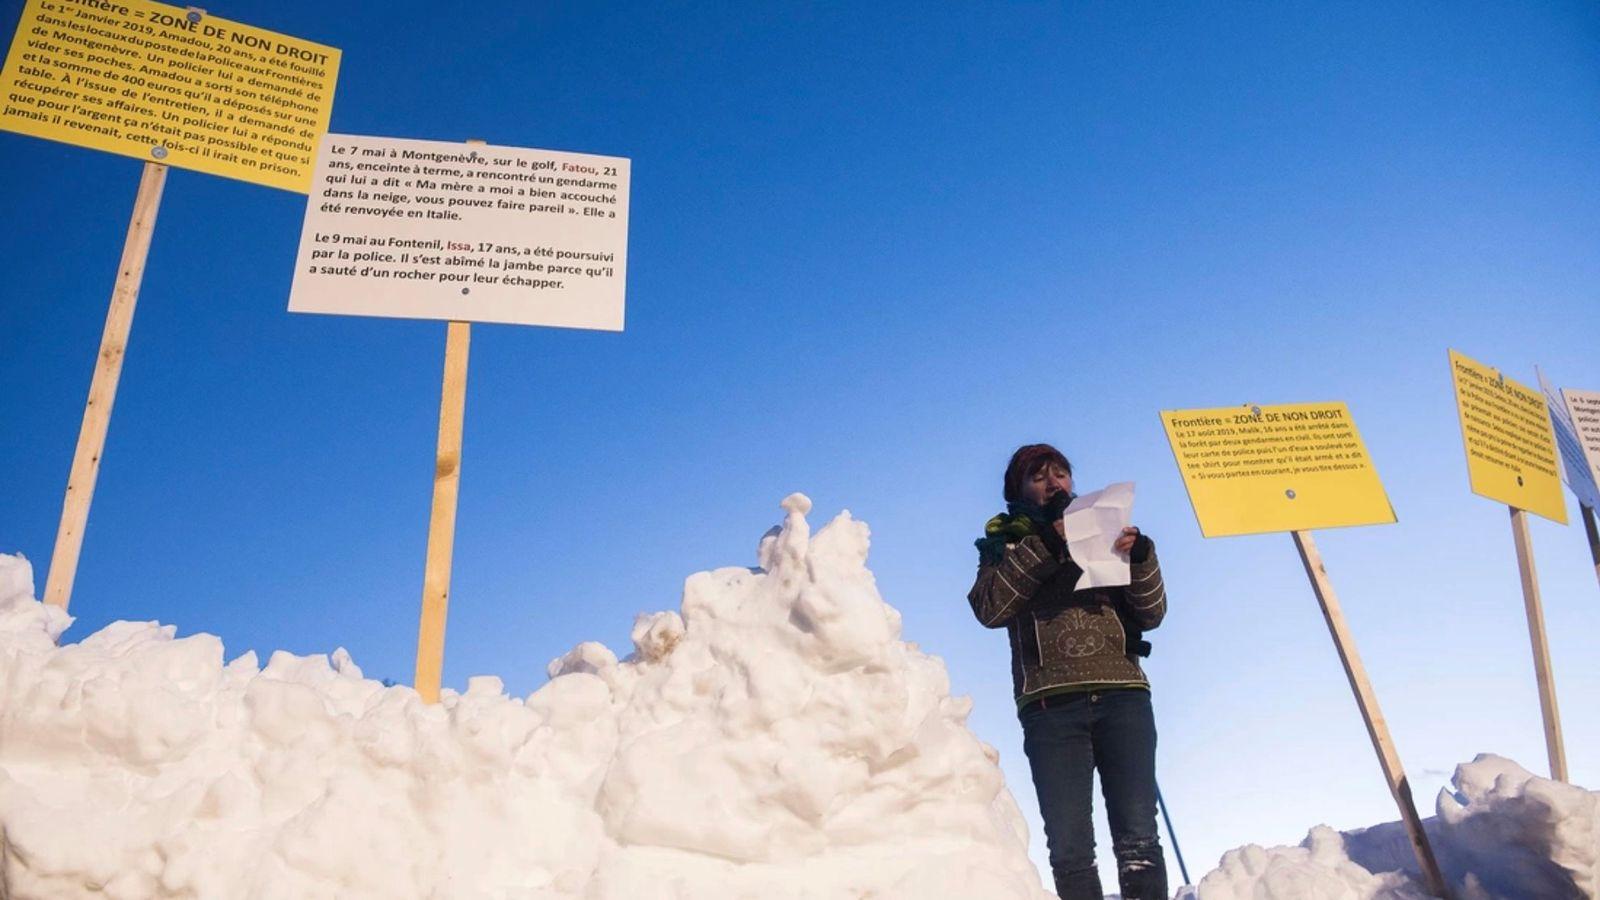 300 personnes munies de pancartes se sont réunies lors de la Grande Maraude Solidaire en mars ...